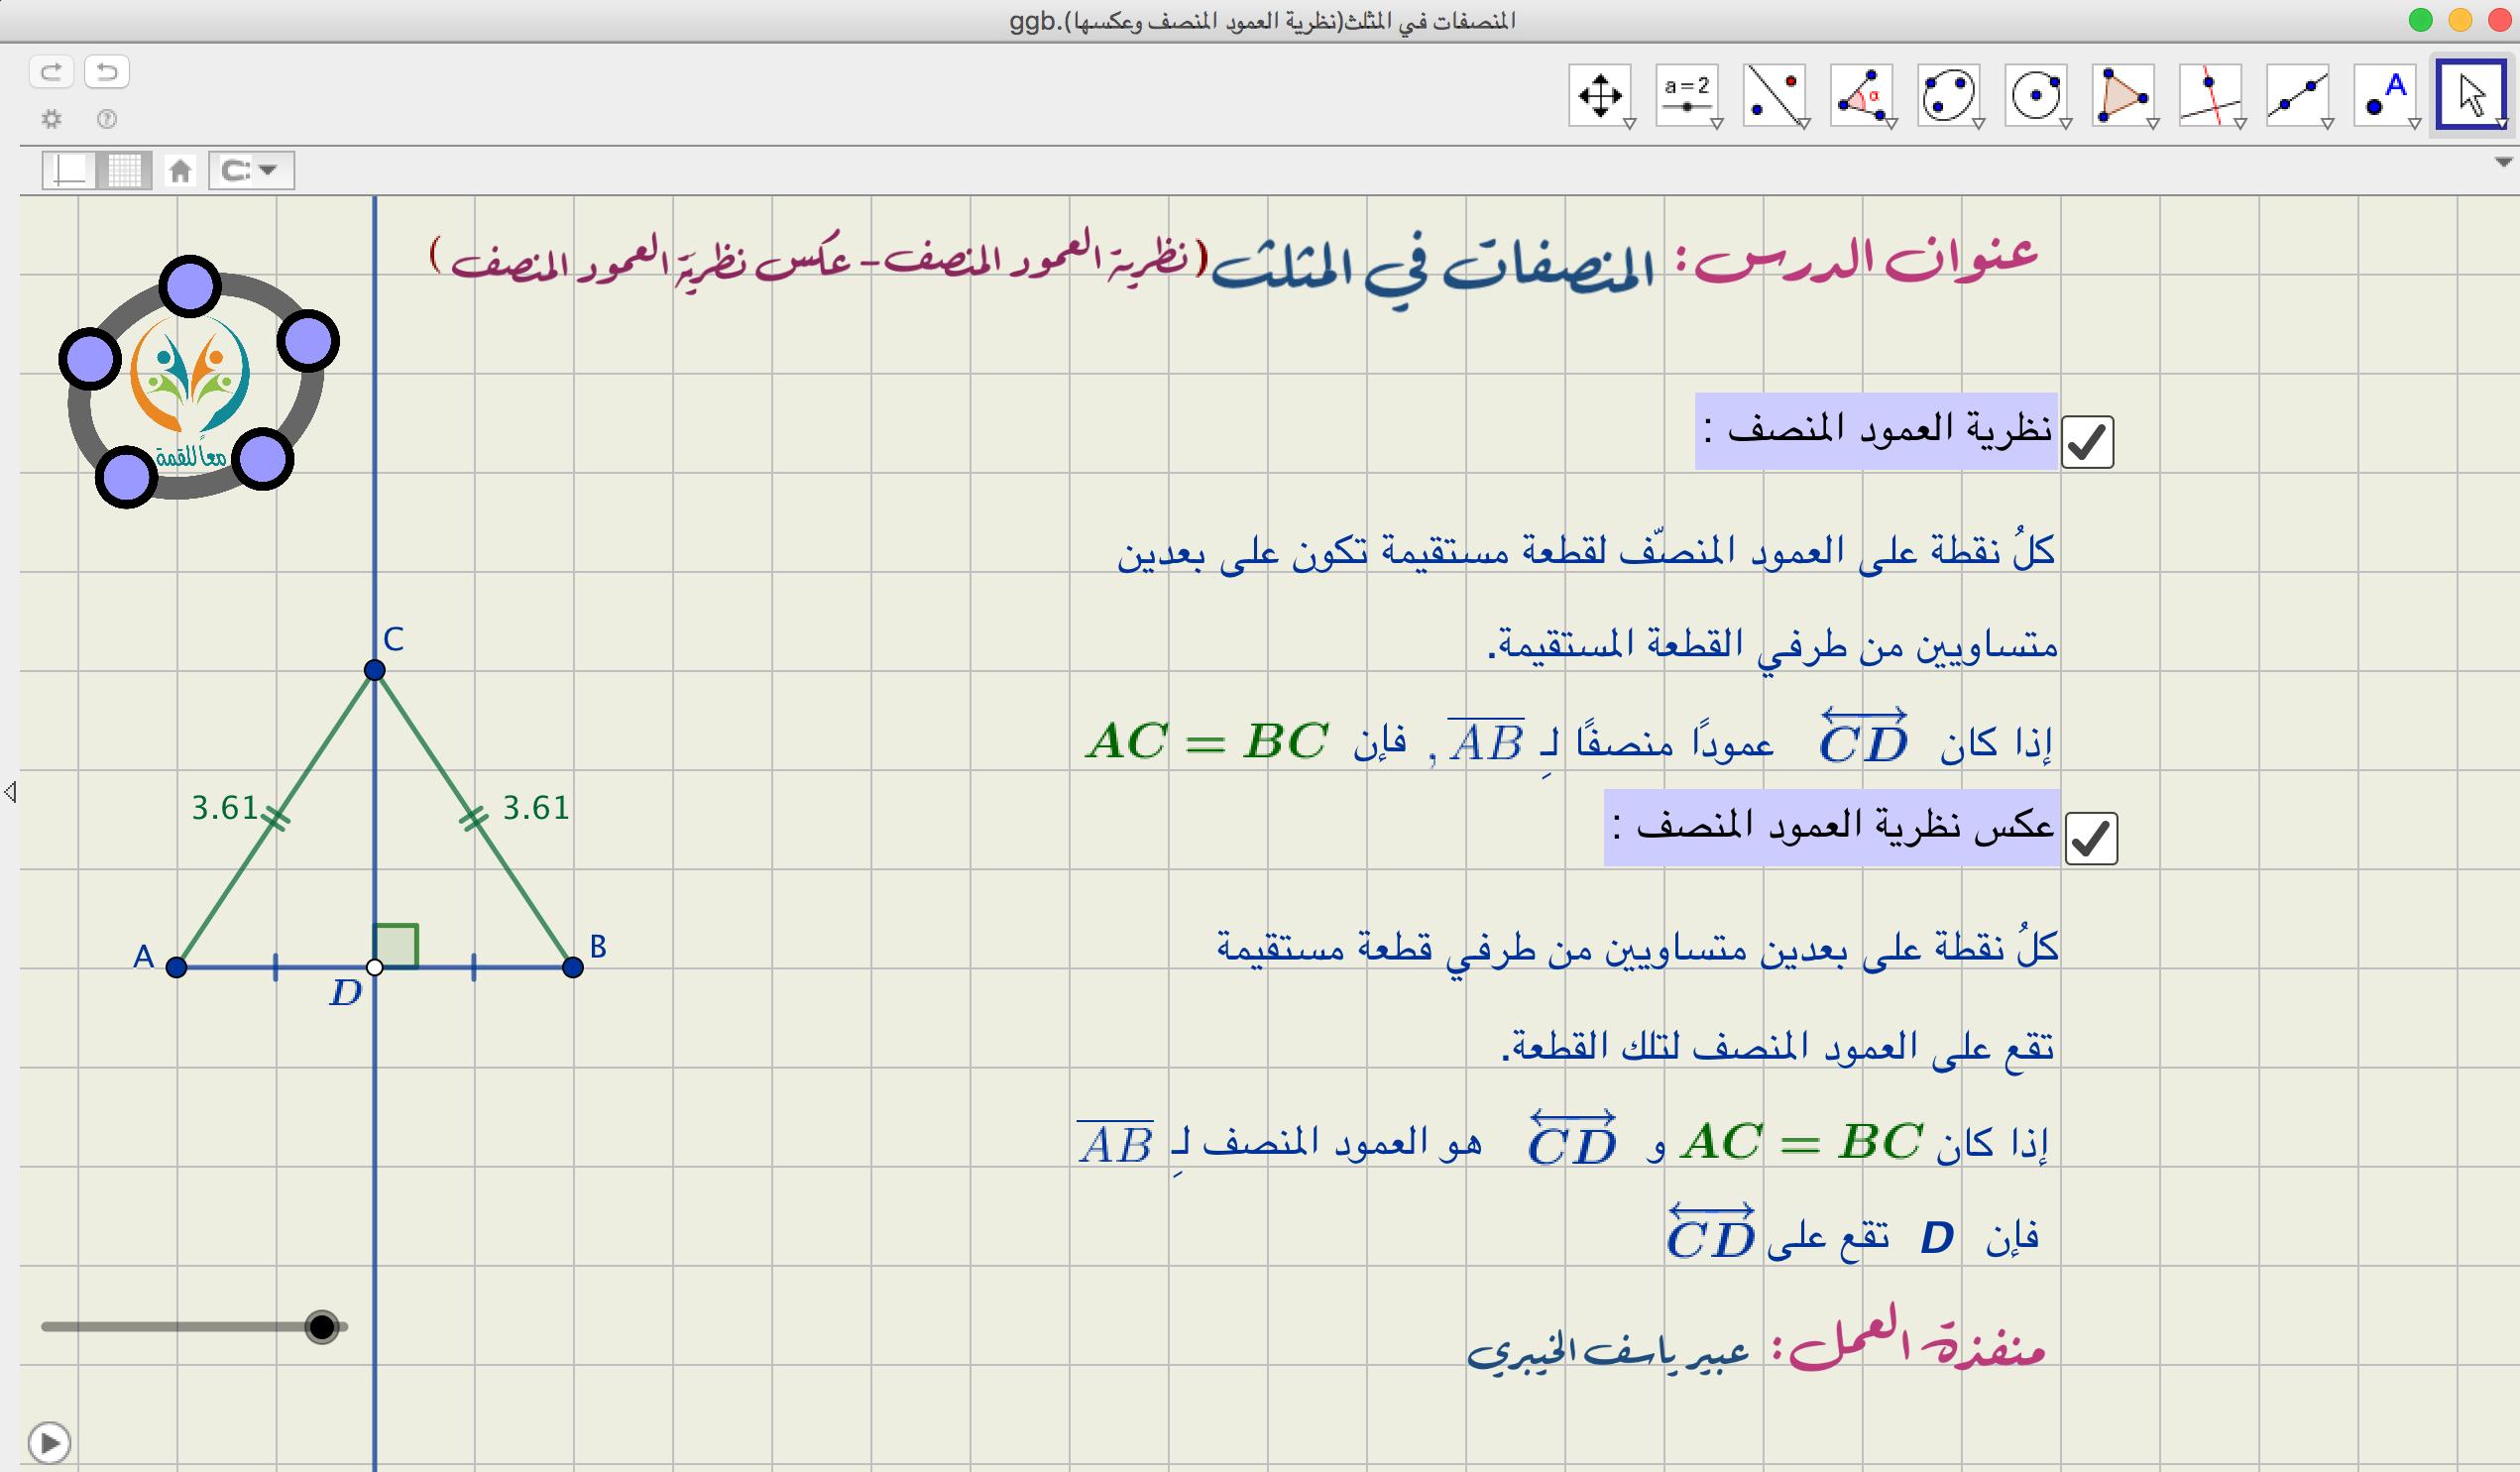 المنصّفات في المثلث/نظريَة العمود المنصّف - عكس نظريَة العمود المنصّف